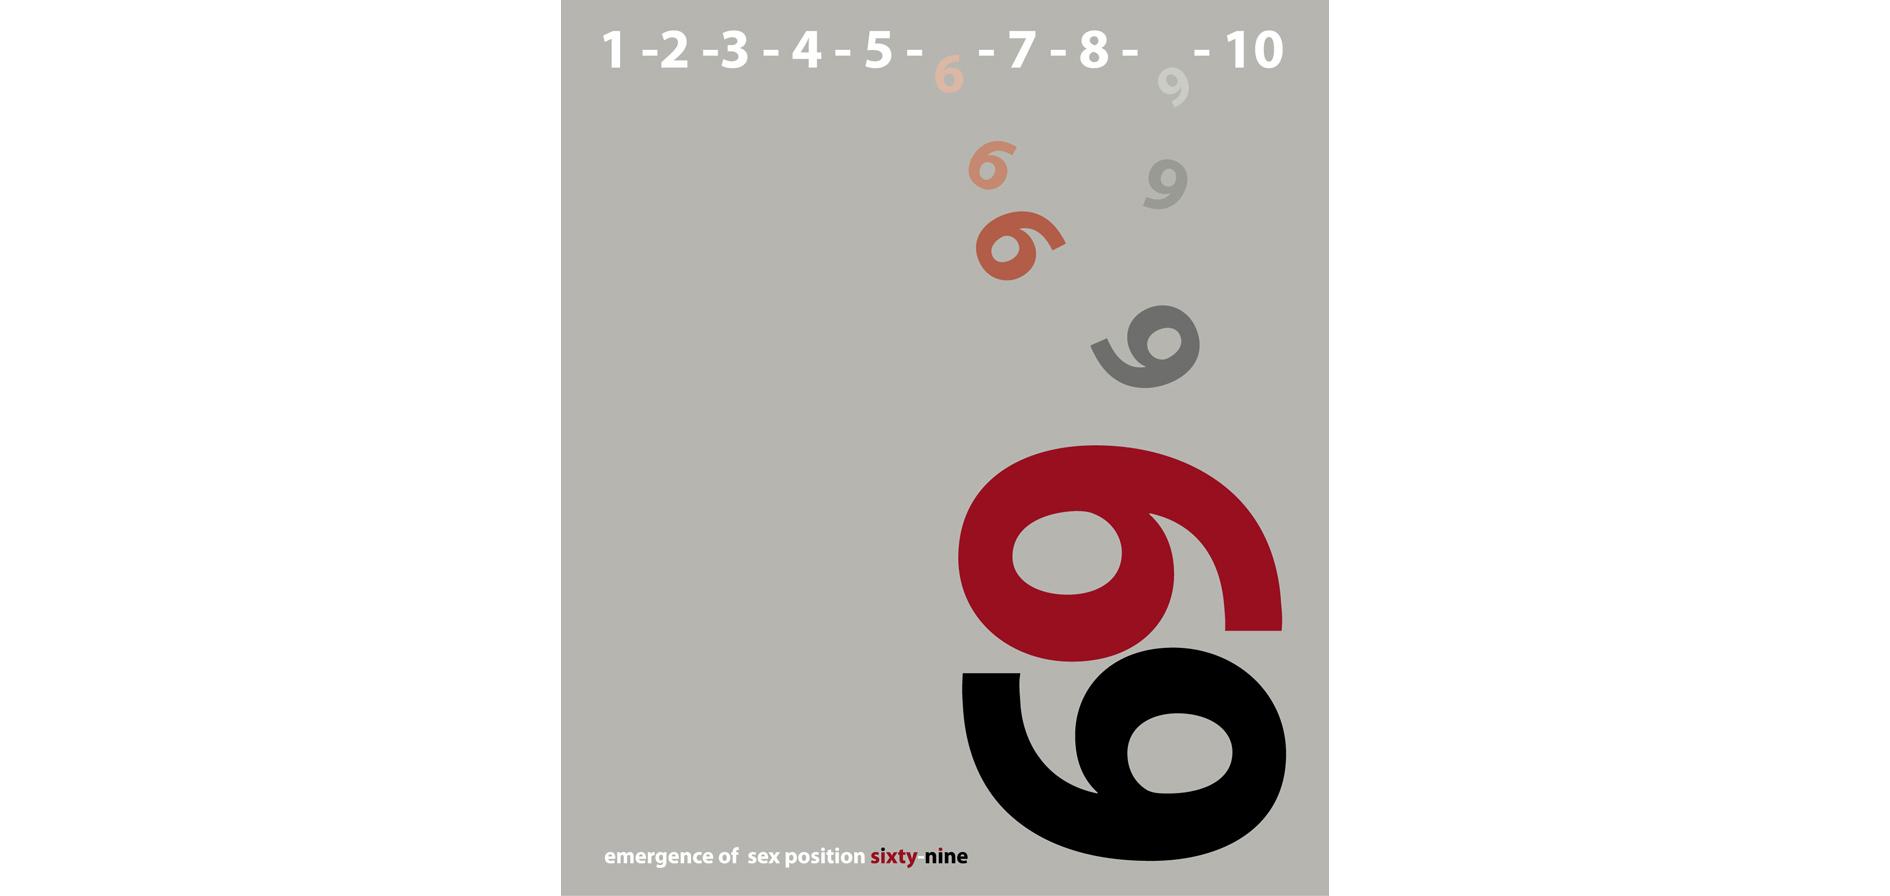 69 poloha www leo cz